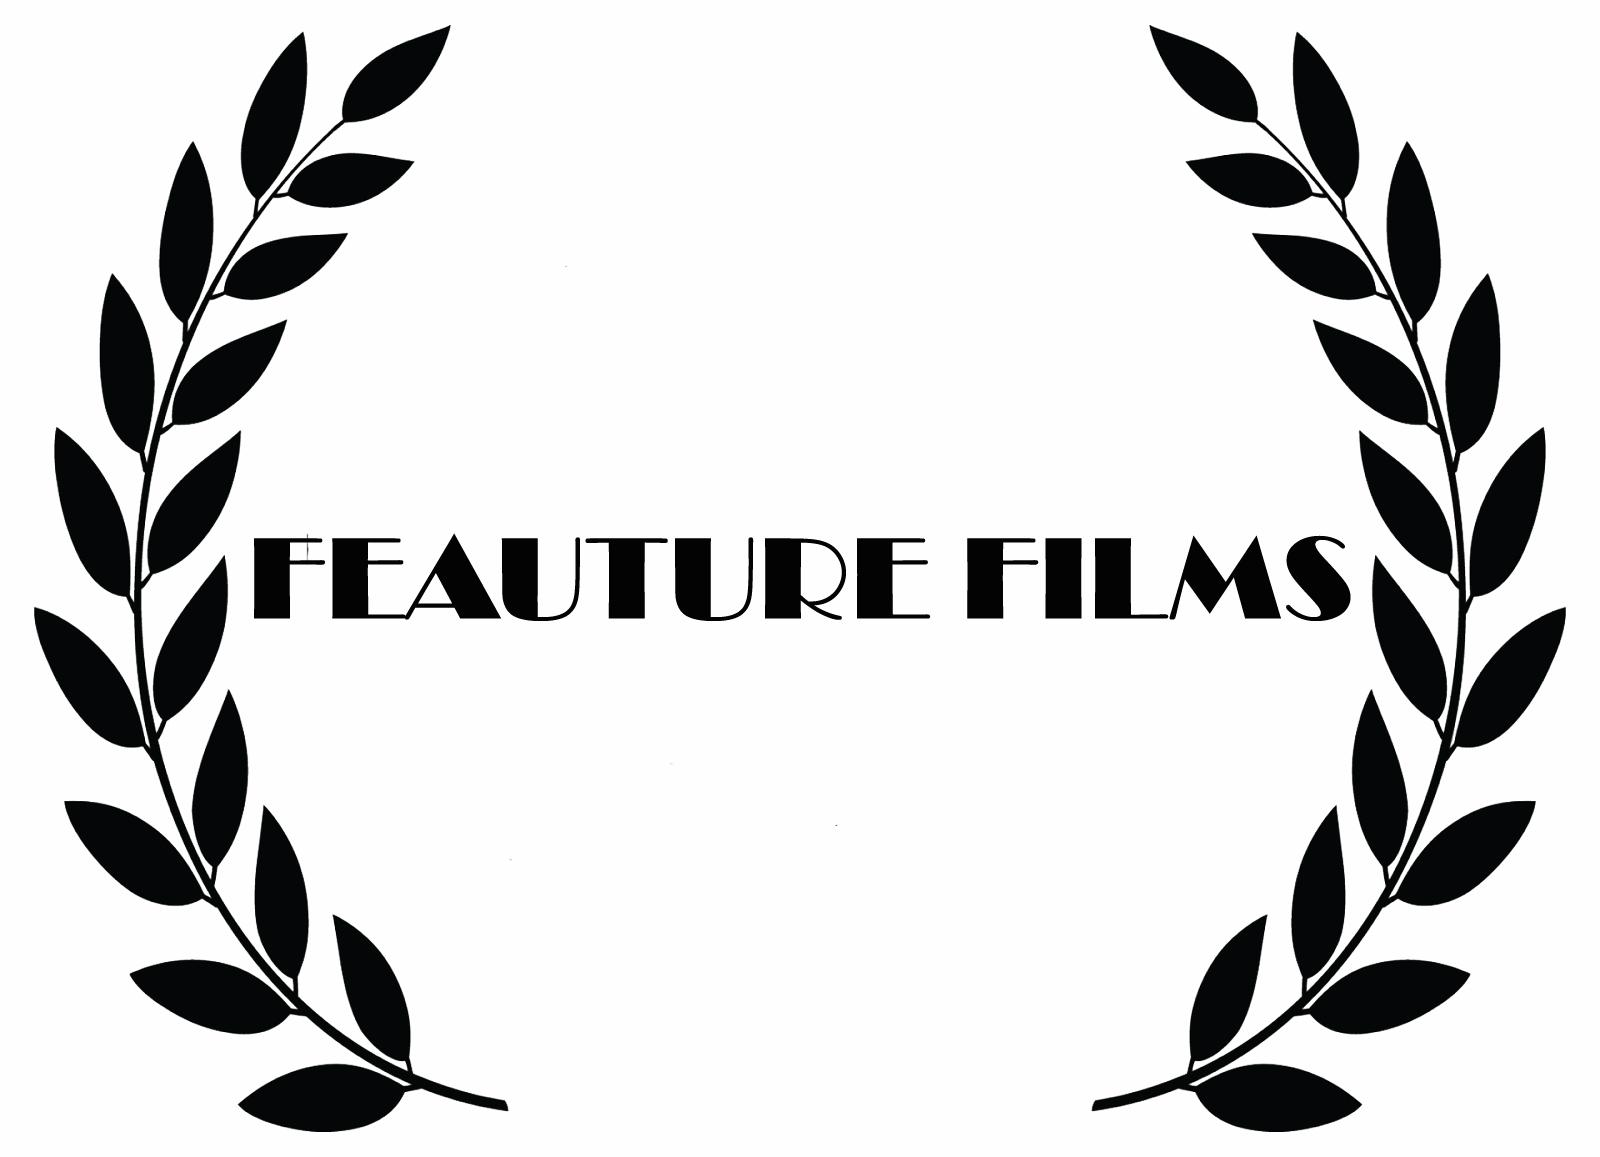 Feauture Films